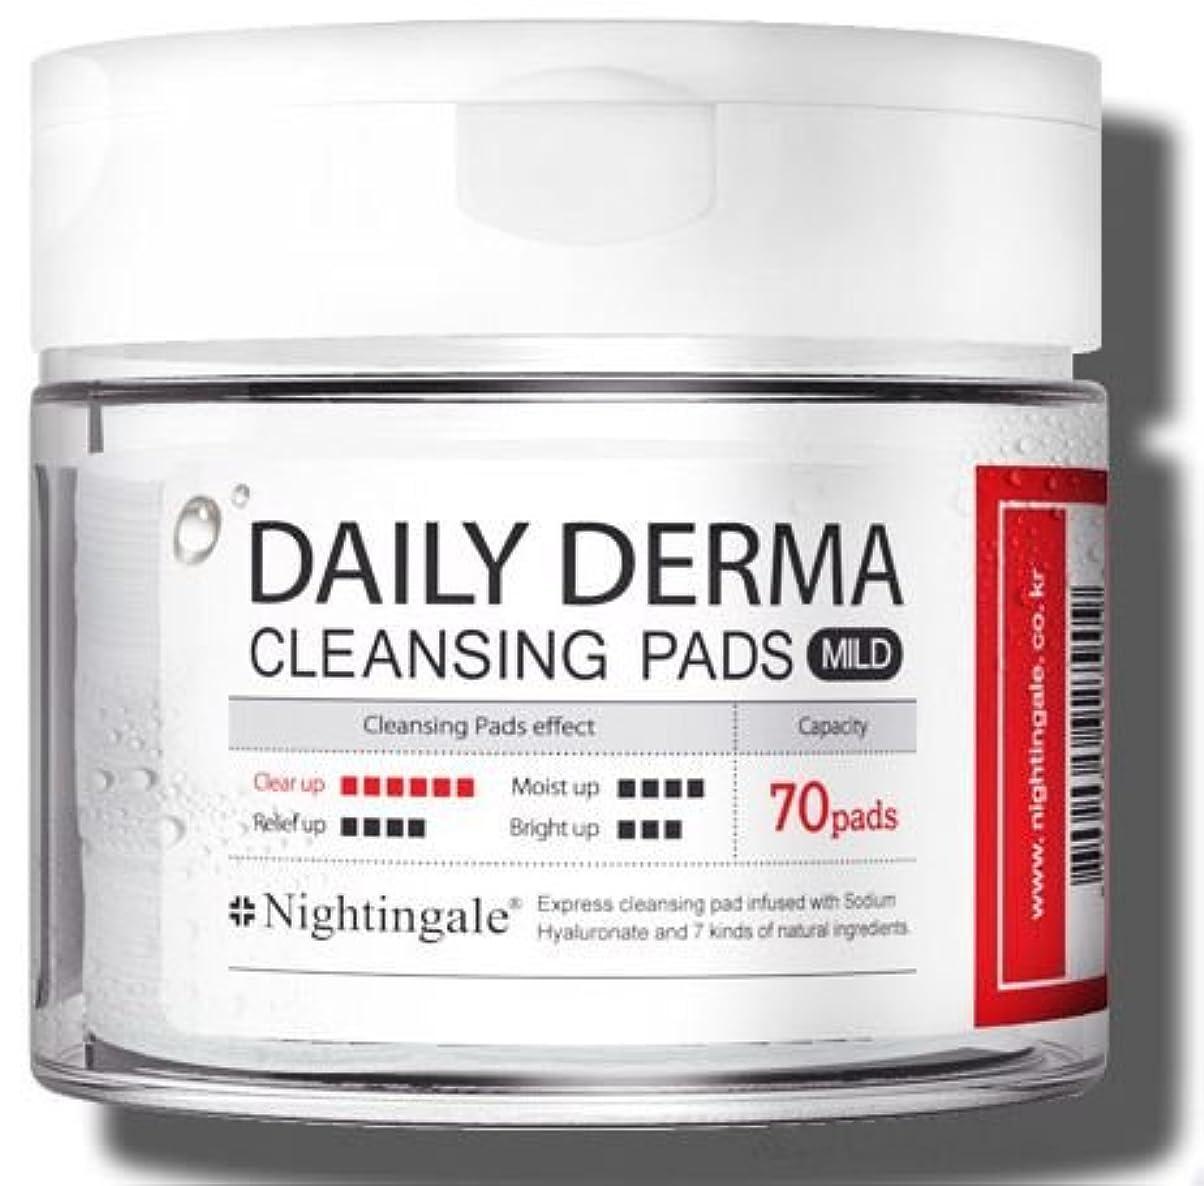 マーベル士気組み立てるNightingale Daily Derma Cleansing Pads * Mild * 70pads/ナイチンゲール デイリー ダーマ クレンジング パッド * マイルド * 70枚入り [並行輸入品]